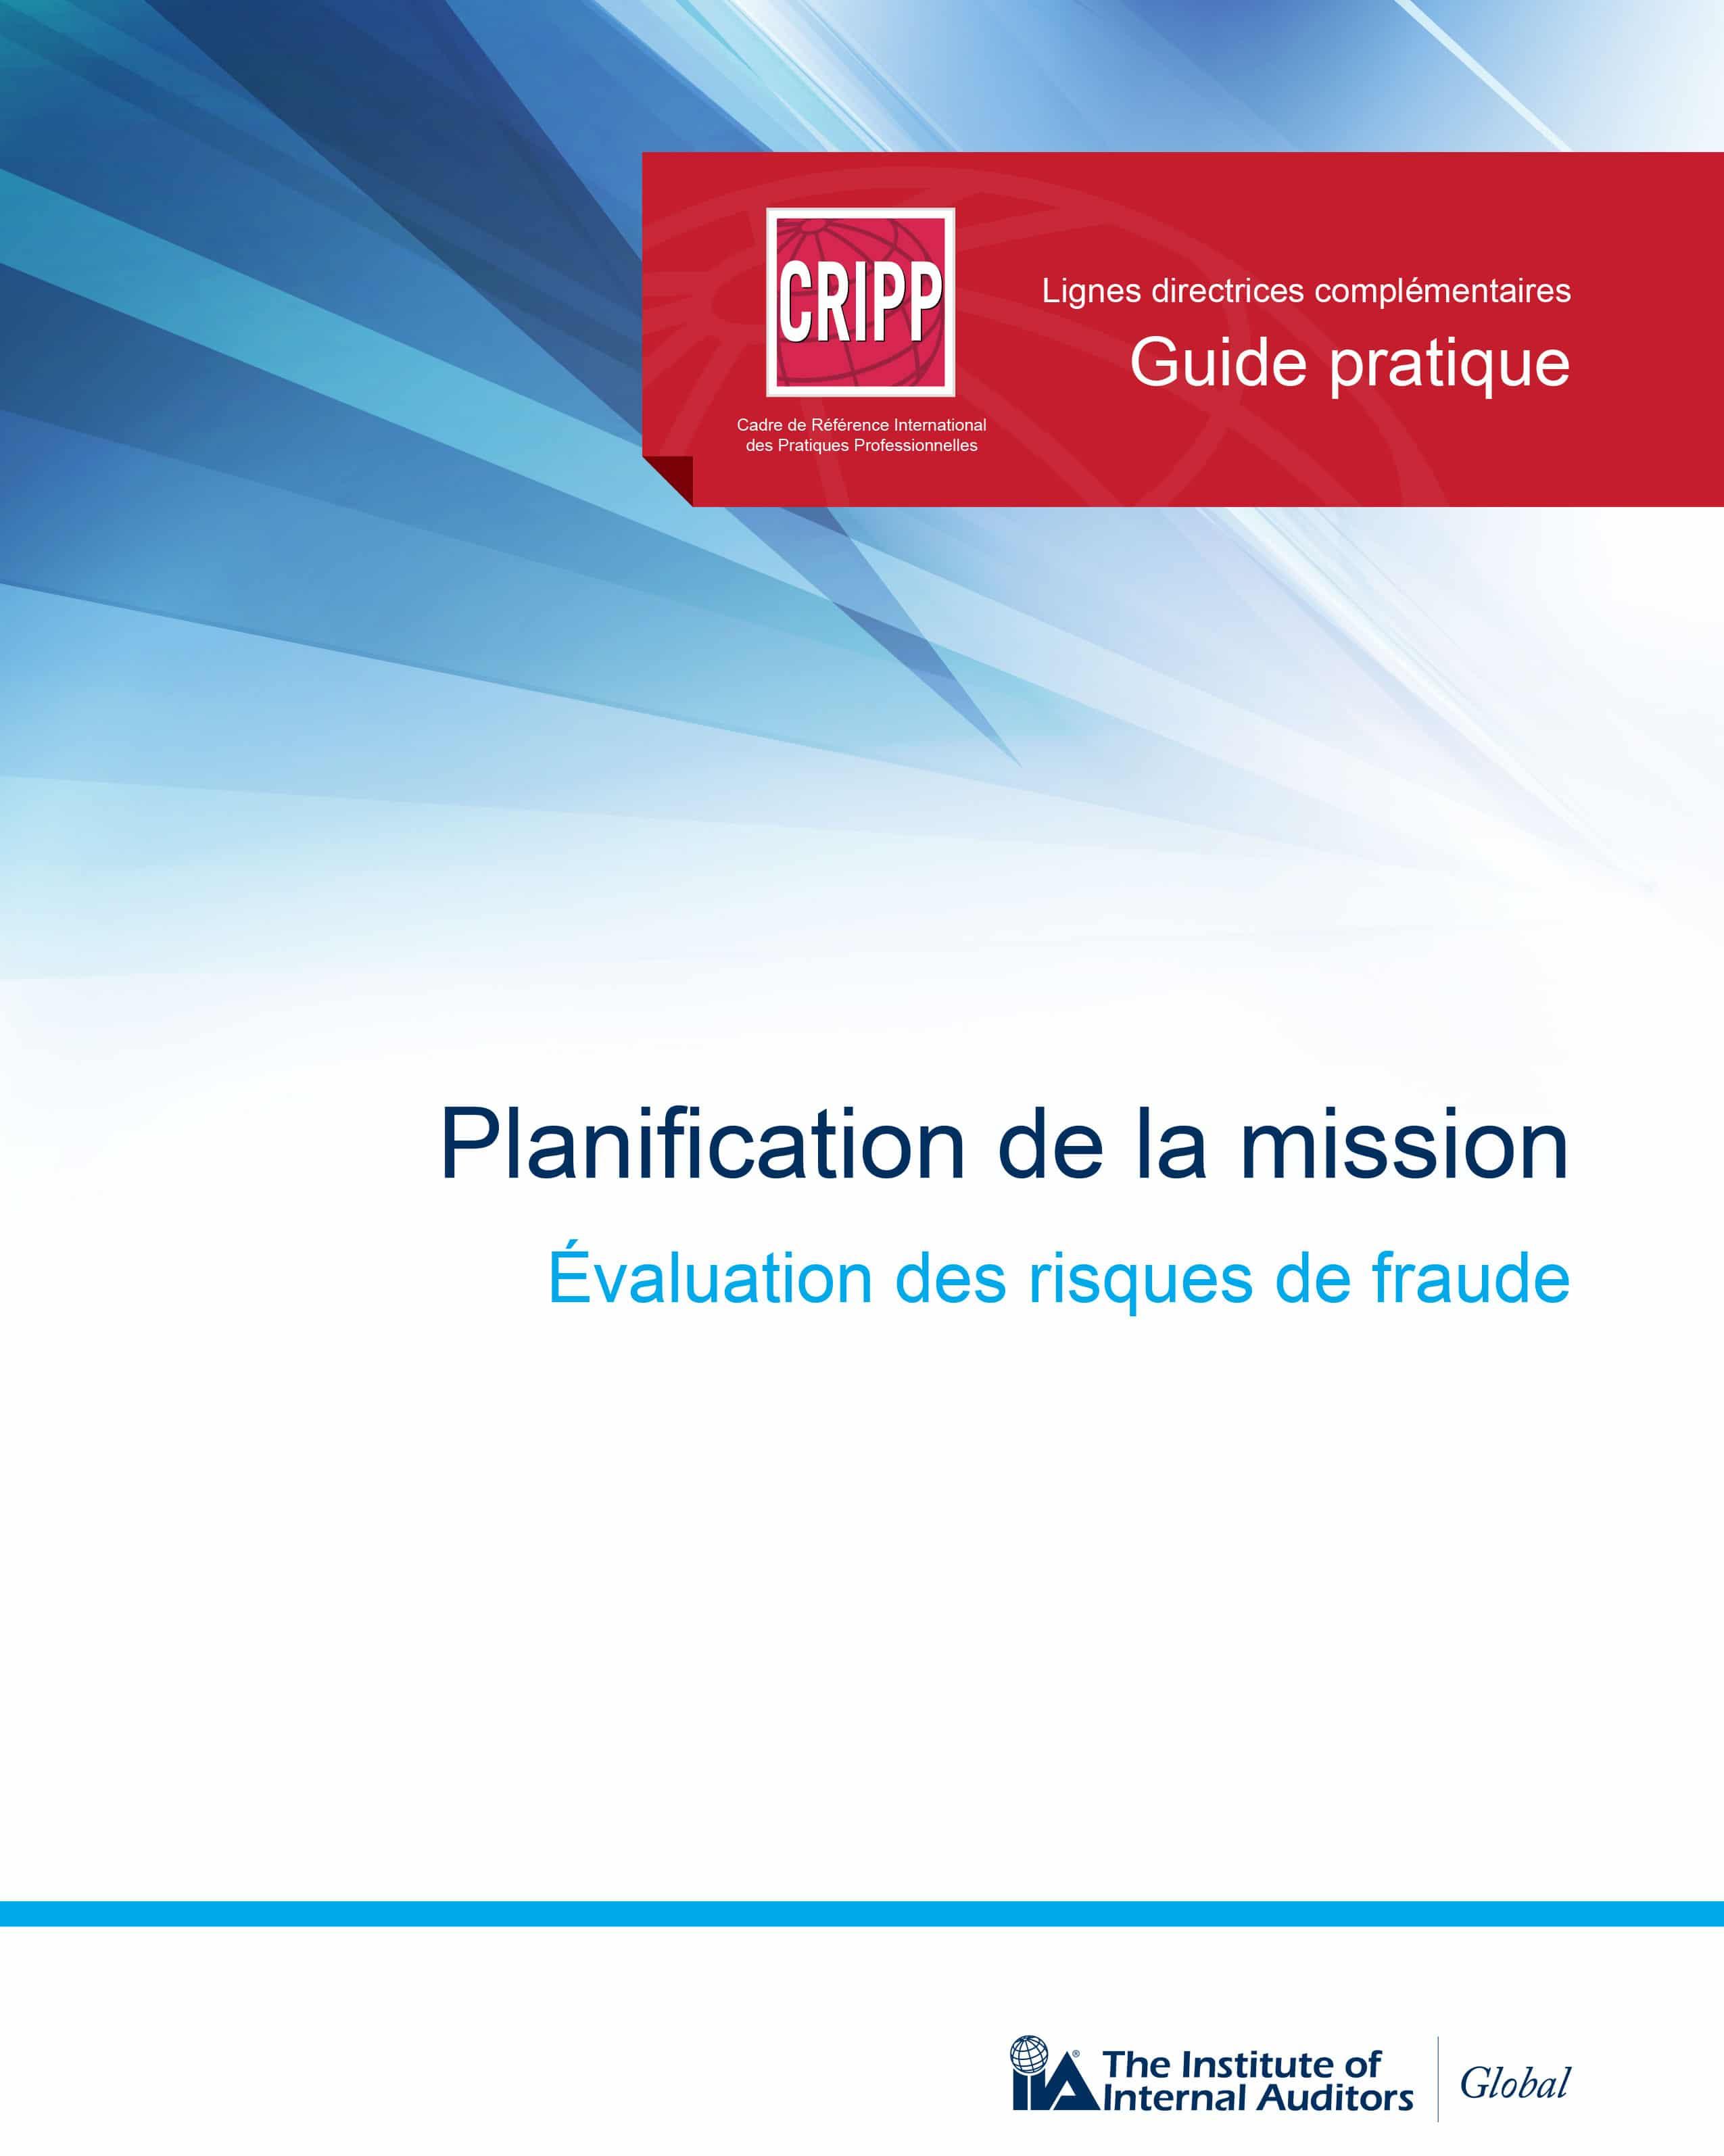 Nouveau guide pratique sur la planification de la mission : l'évaluation des risques de fraude